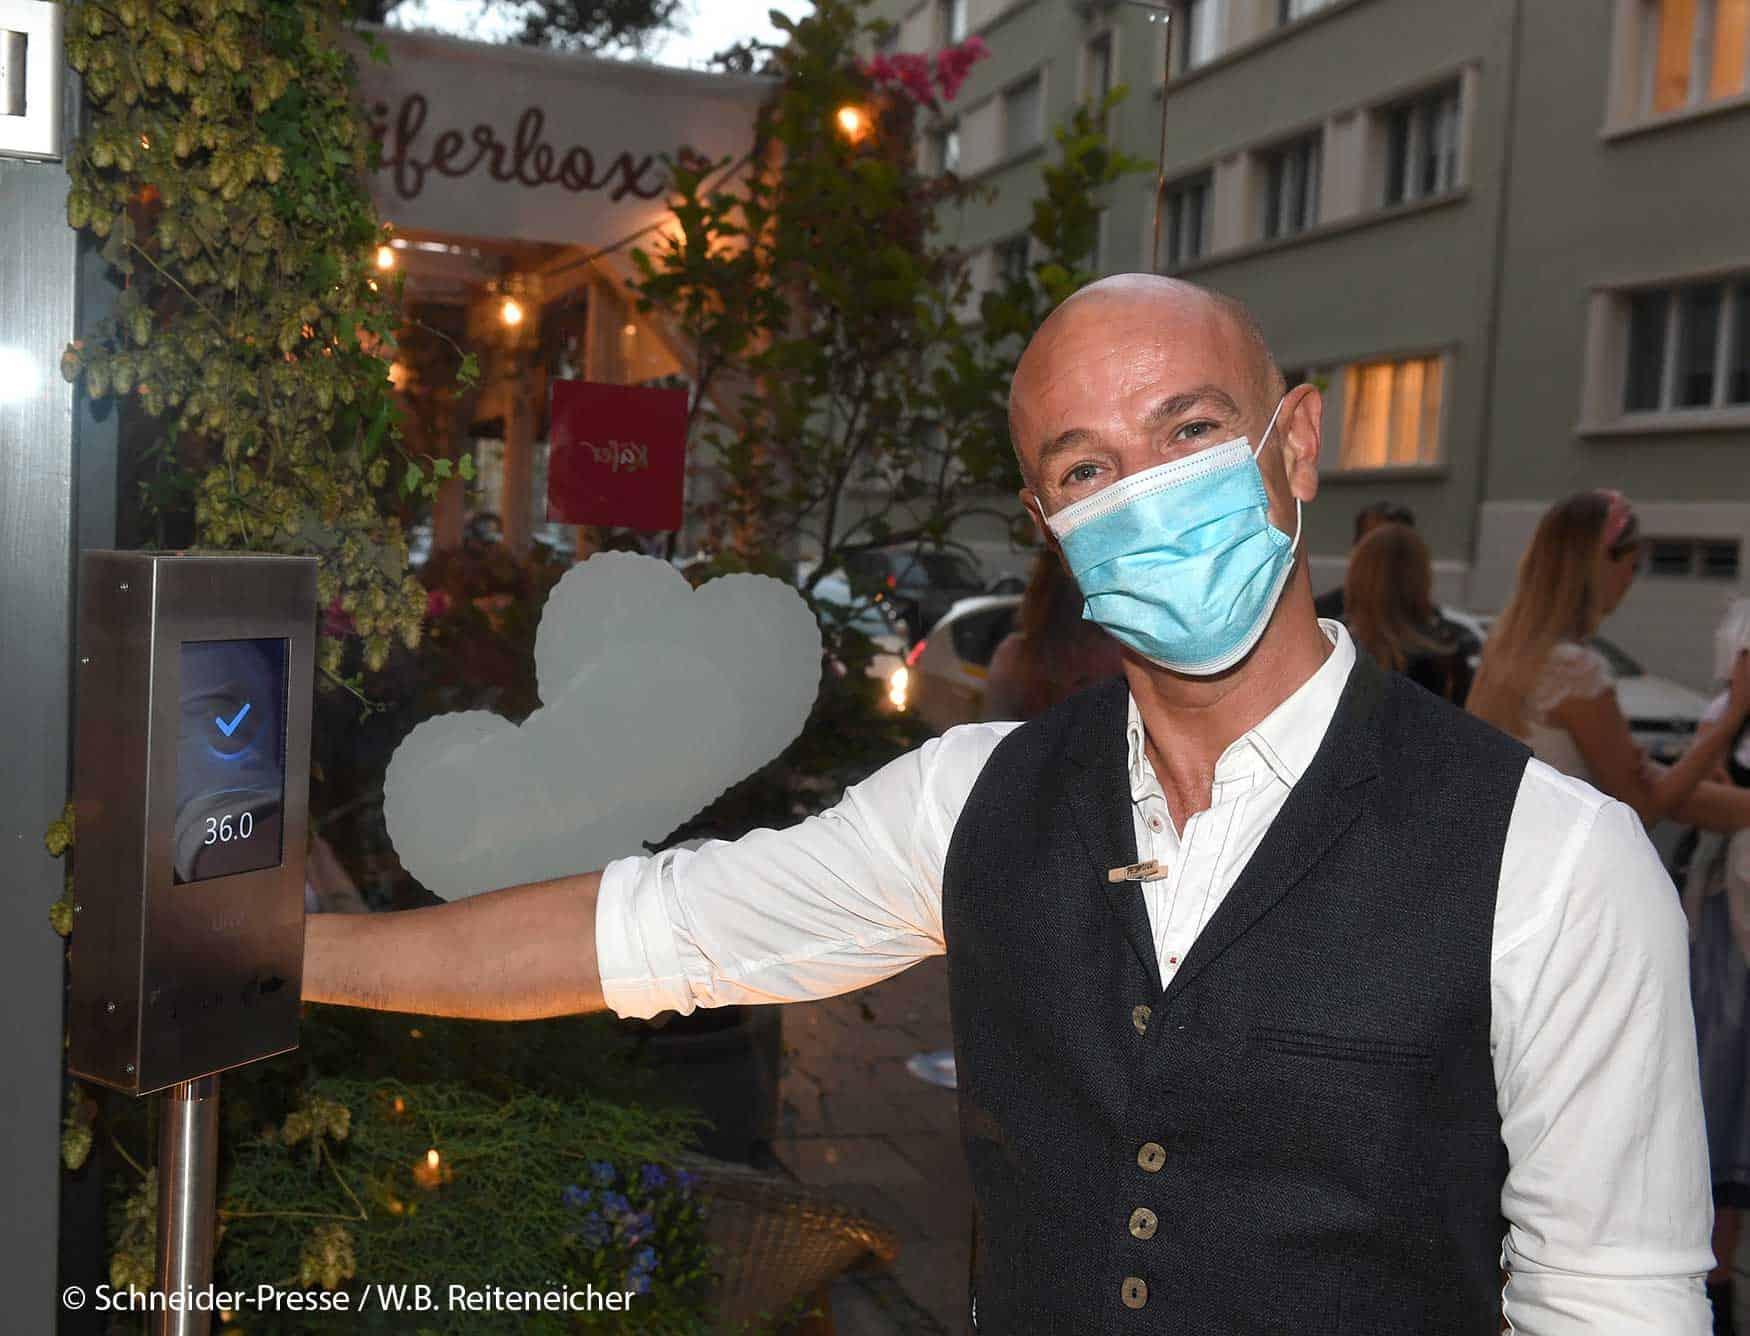 Payman mit Maske beim AlpenHerz Dinner 2020